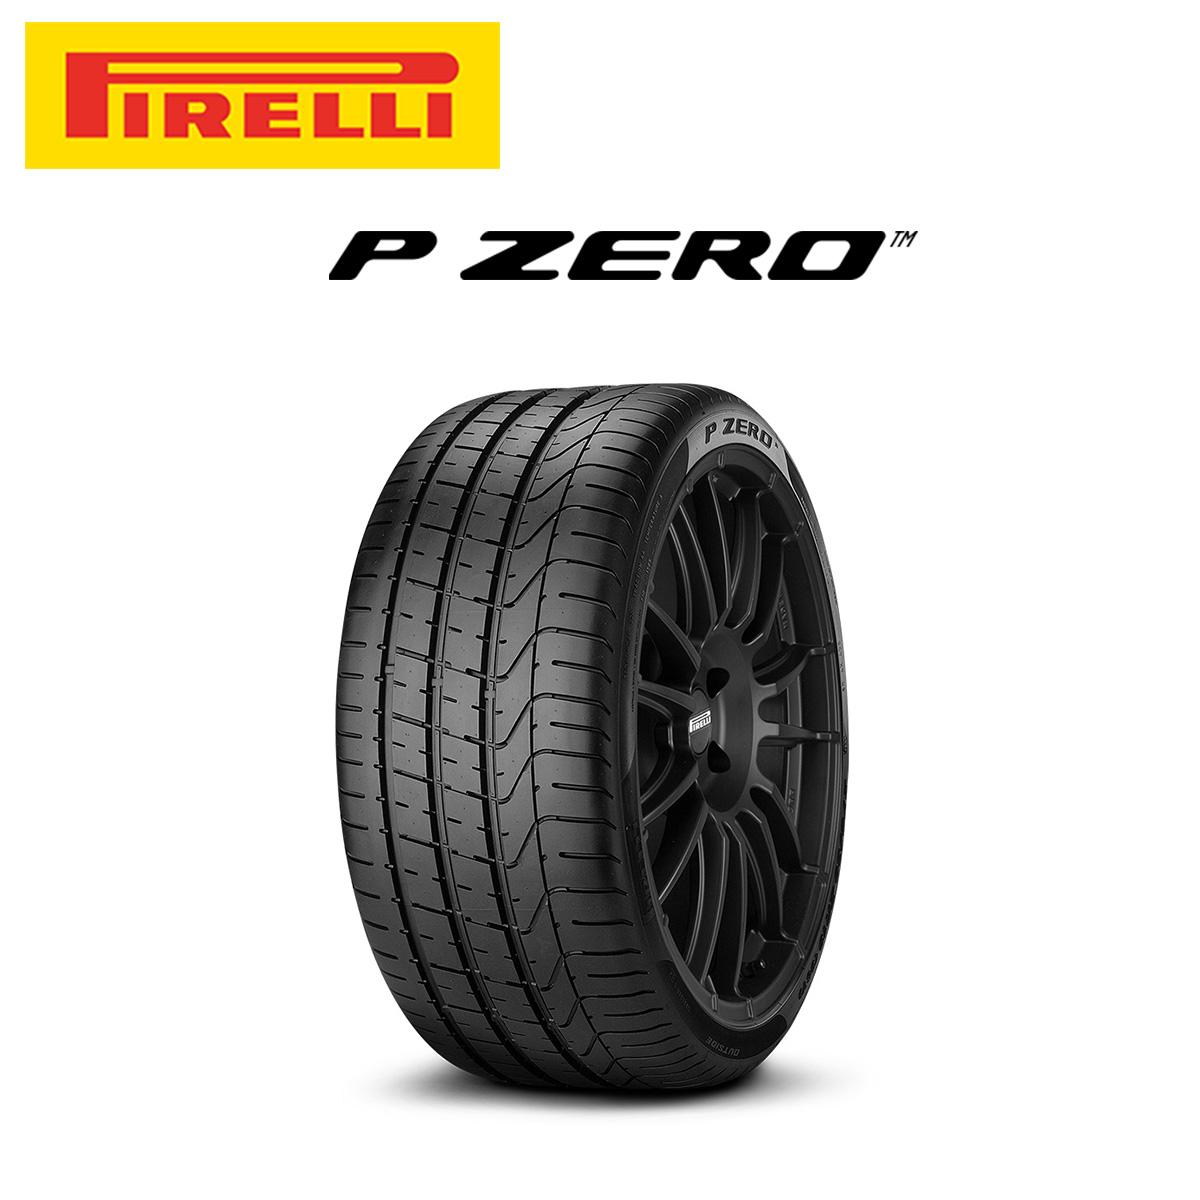 ピレリ PIRELLI P ZERO ピーゼロ 18インチ サマー タイヤ 4本 セット 285/35R18 97Y MO:メルセデスベンツ承認タイヤ 2009300